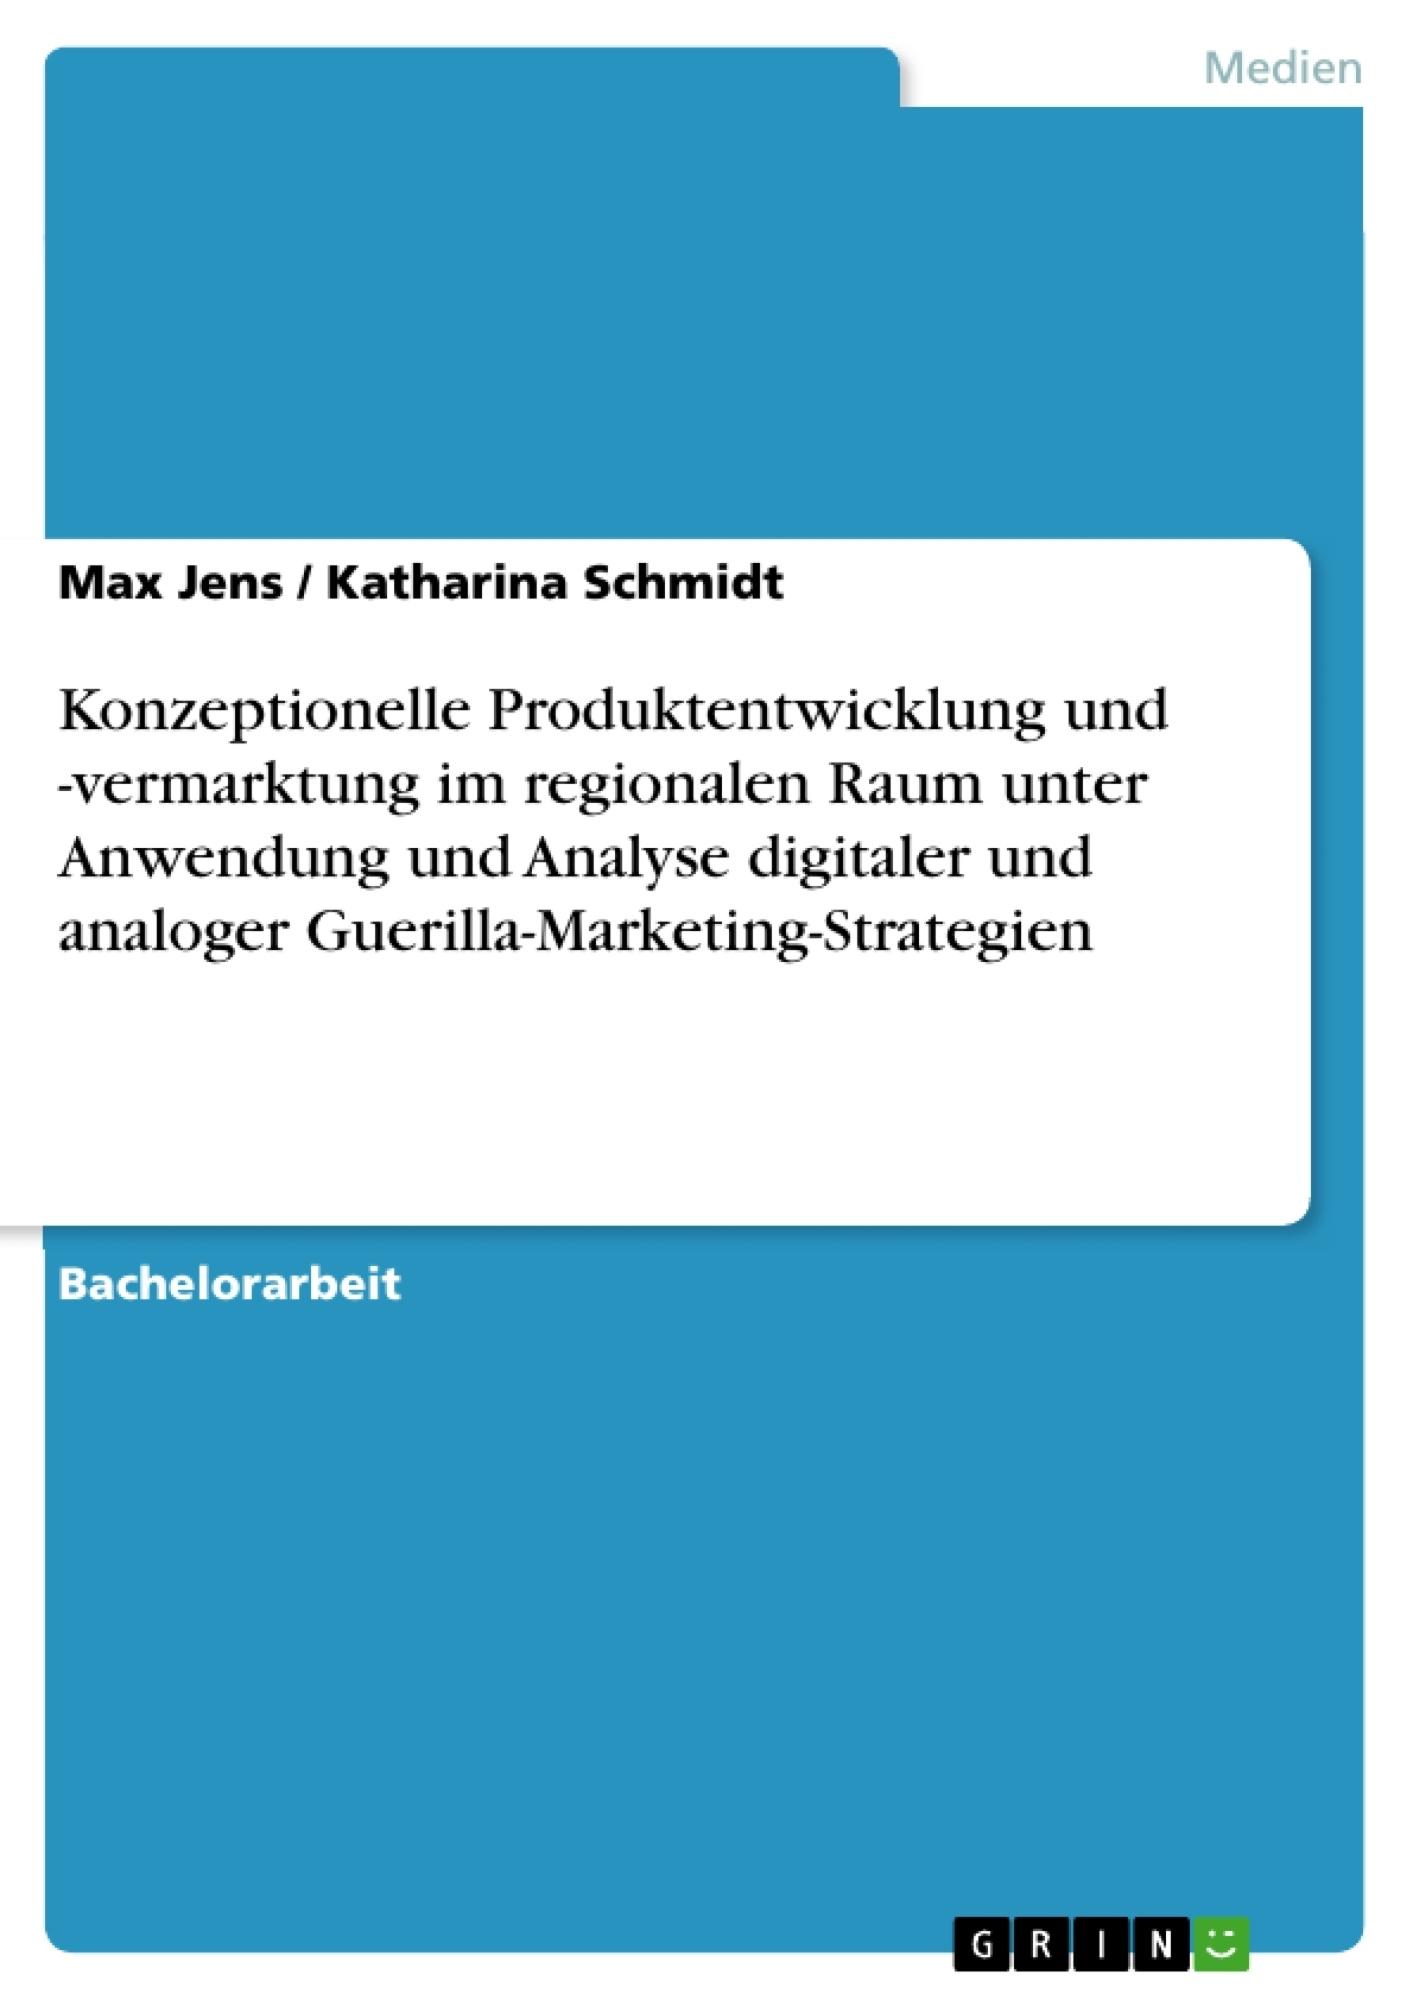 Titel: Konzeptionelle Produktentwicklung und -vermarktung im regionalen Raum unter Anwendung und Analyse digitaler und analoger Guerilla-Marketing-Strategien